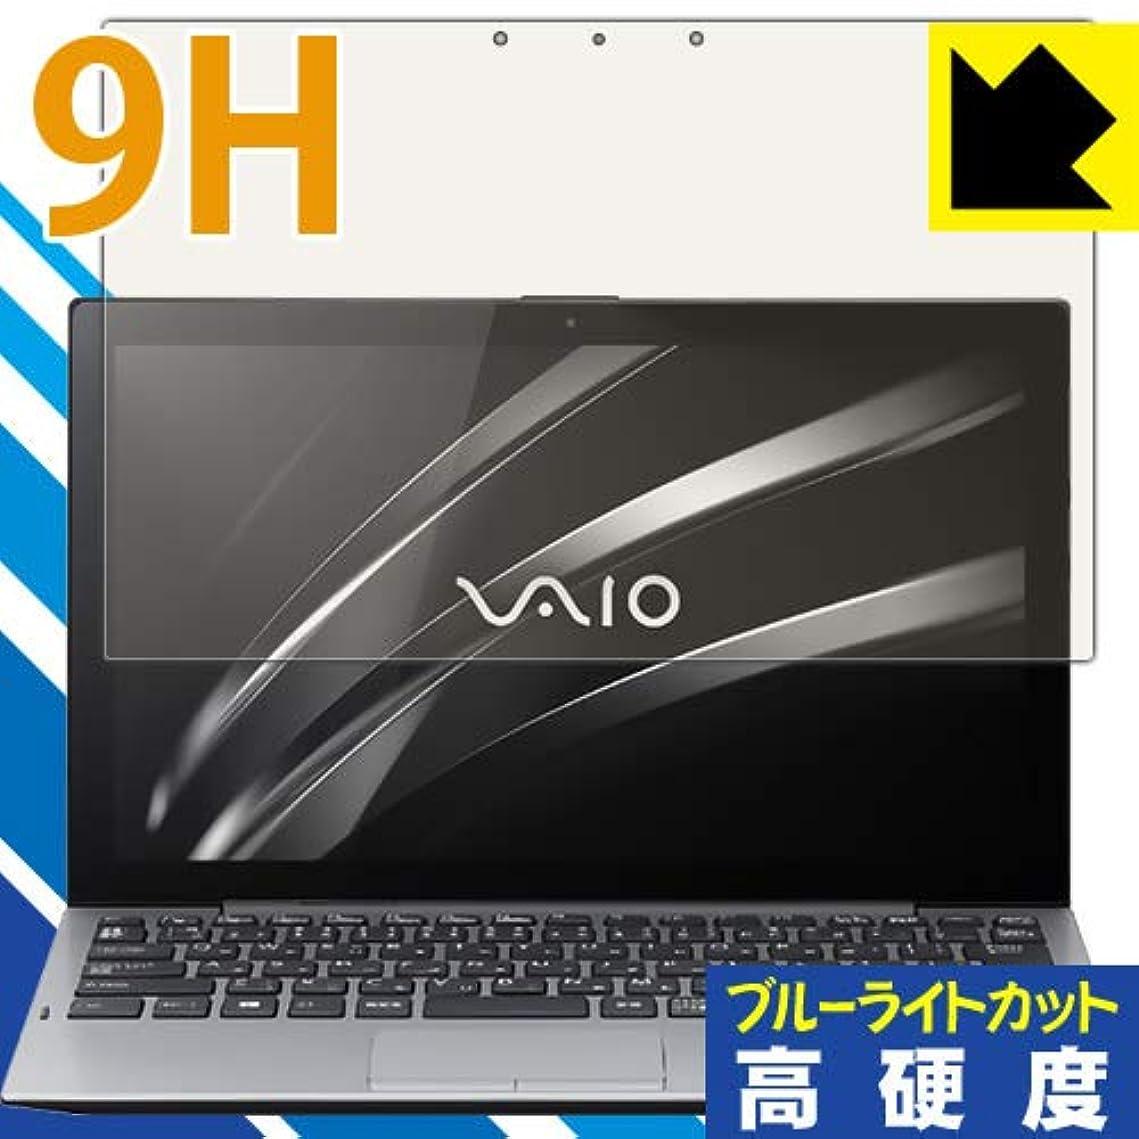 歩道性差別到着する表面硬度9Hフィルムにブルーライトカットもプラス 9H高硬度[ブルーライトカット]保護フィルム VAIO A12 / VAIO Pro PA (顔認証搭載モデル) 日本製